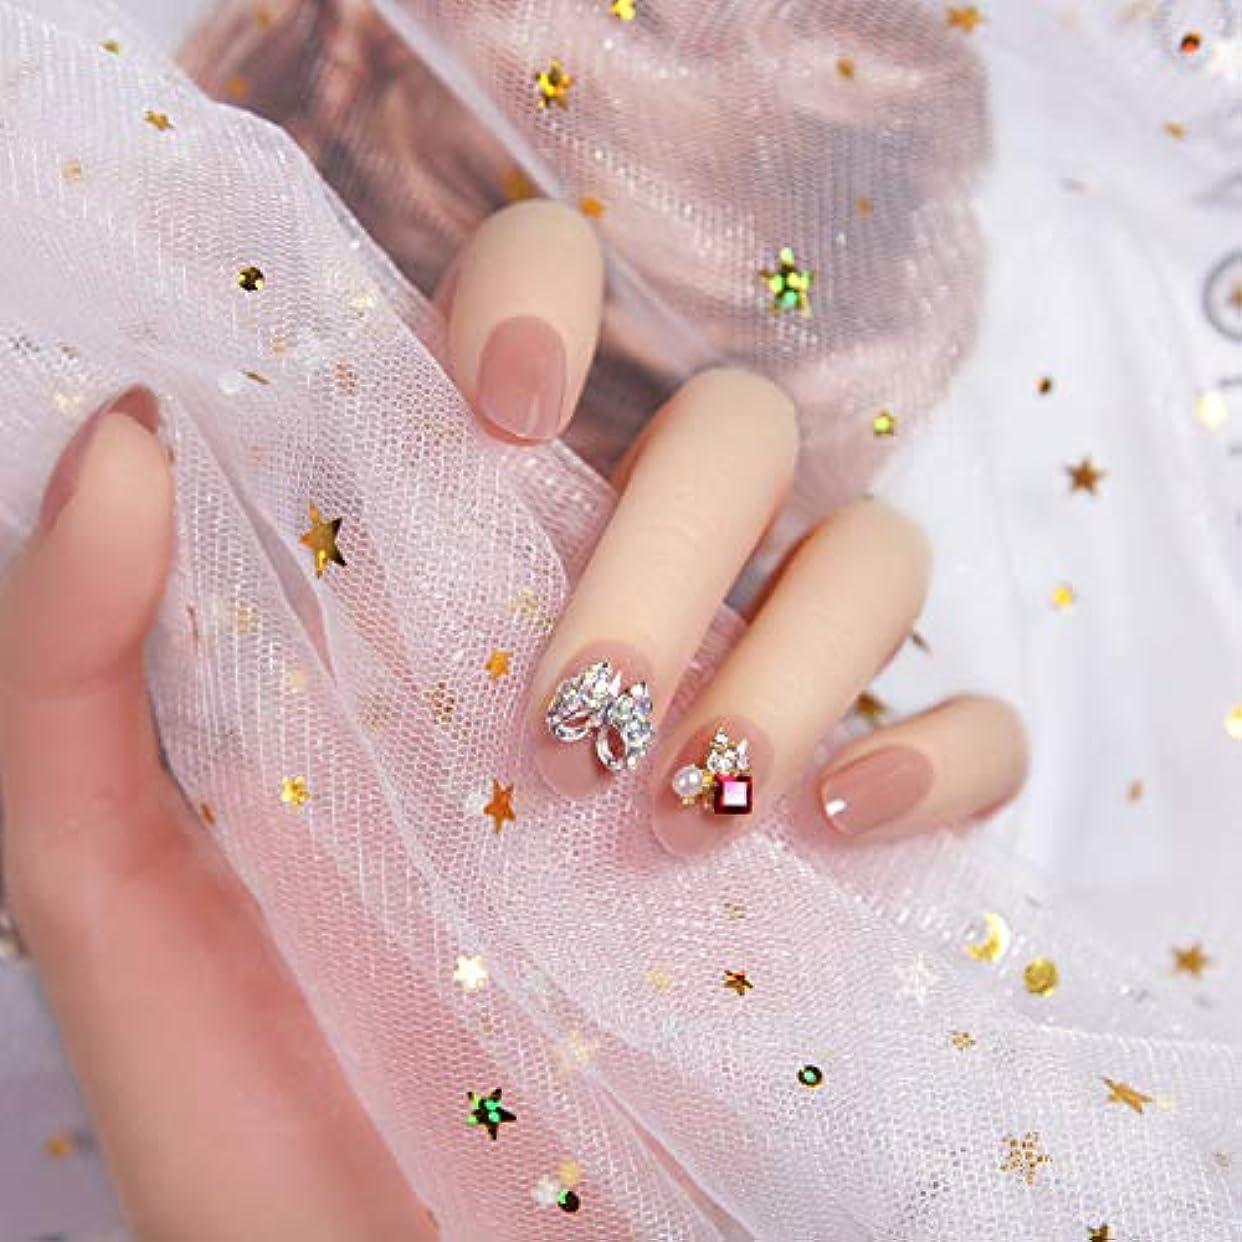 疼痛草確実ピンク 3D ネイルチップ 人造ダイヤモンド 24枚入 原宿 和風 夢幻 和装 手作りネイルチップ 結婚式ネイルチップ